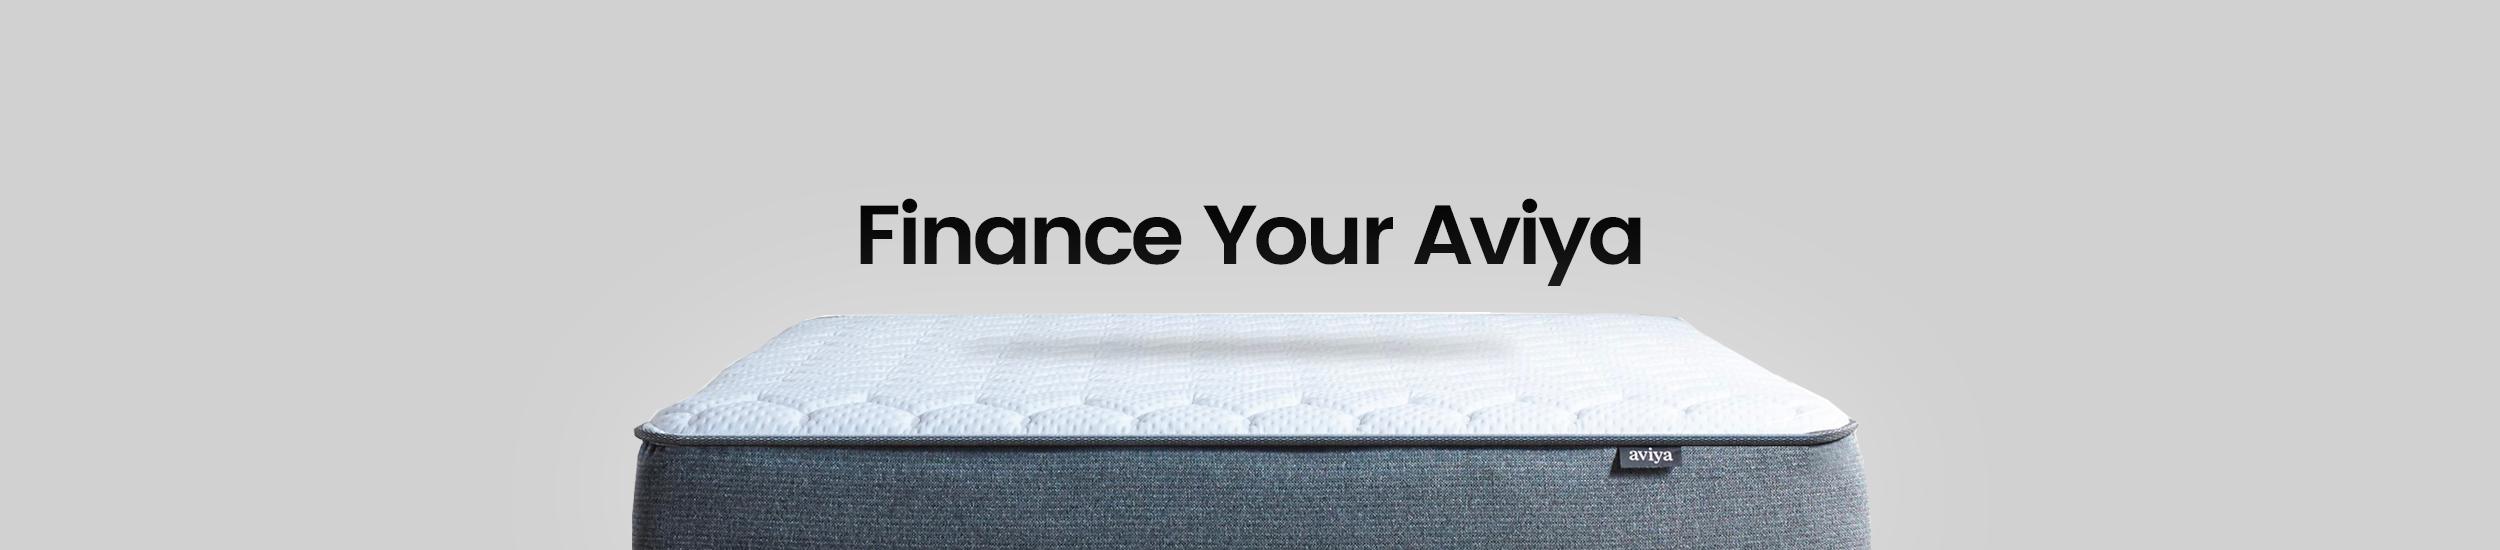 Aviya Mattress Financing